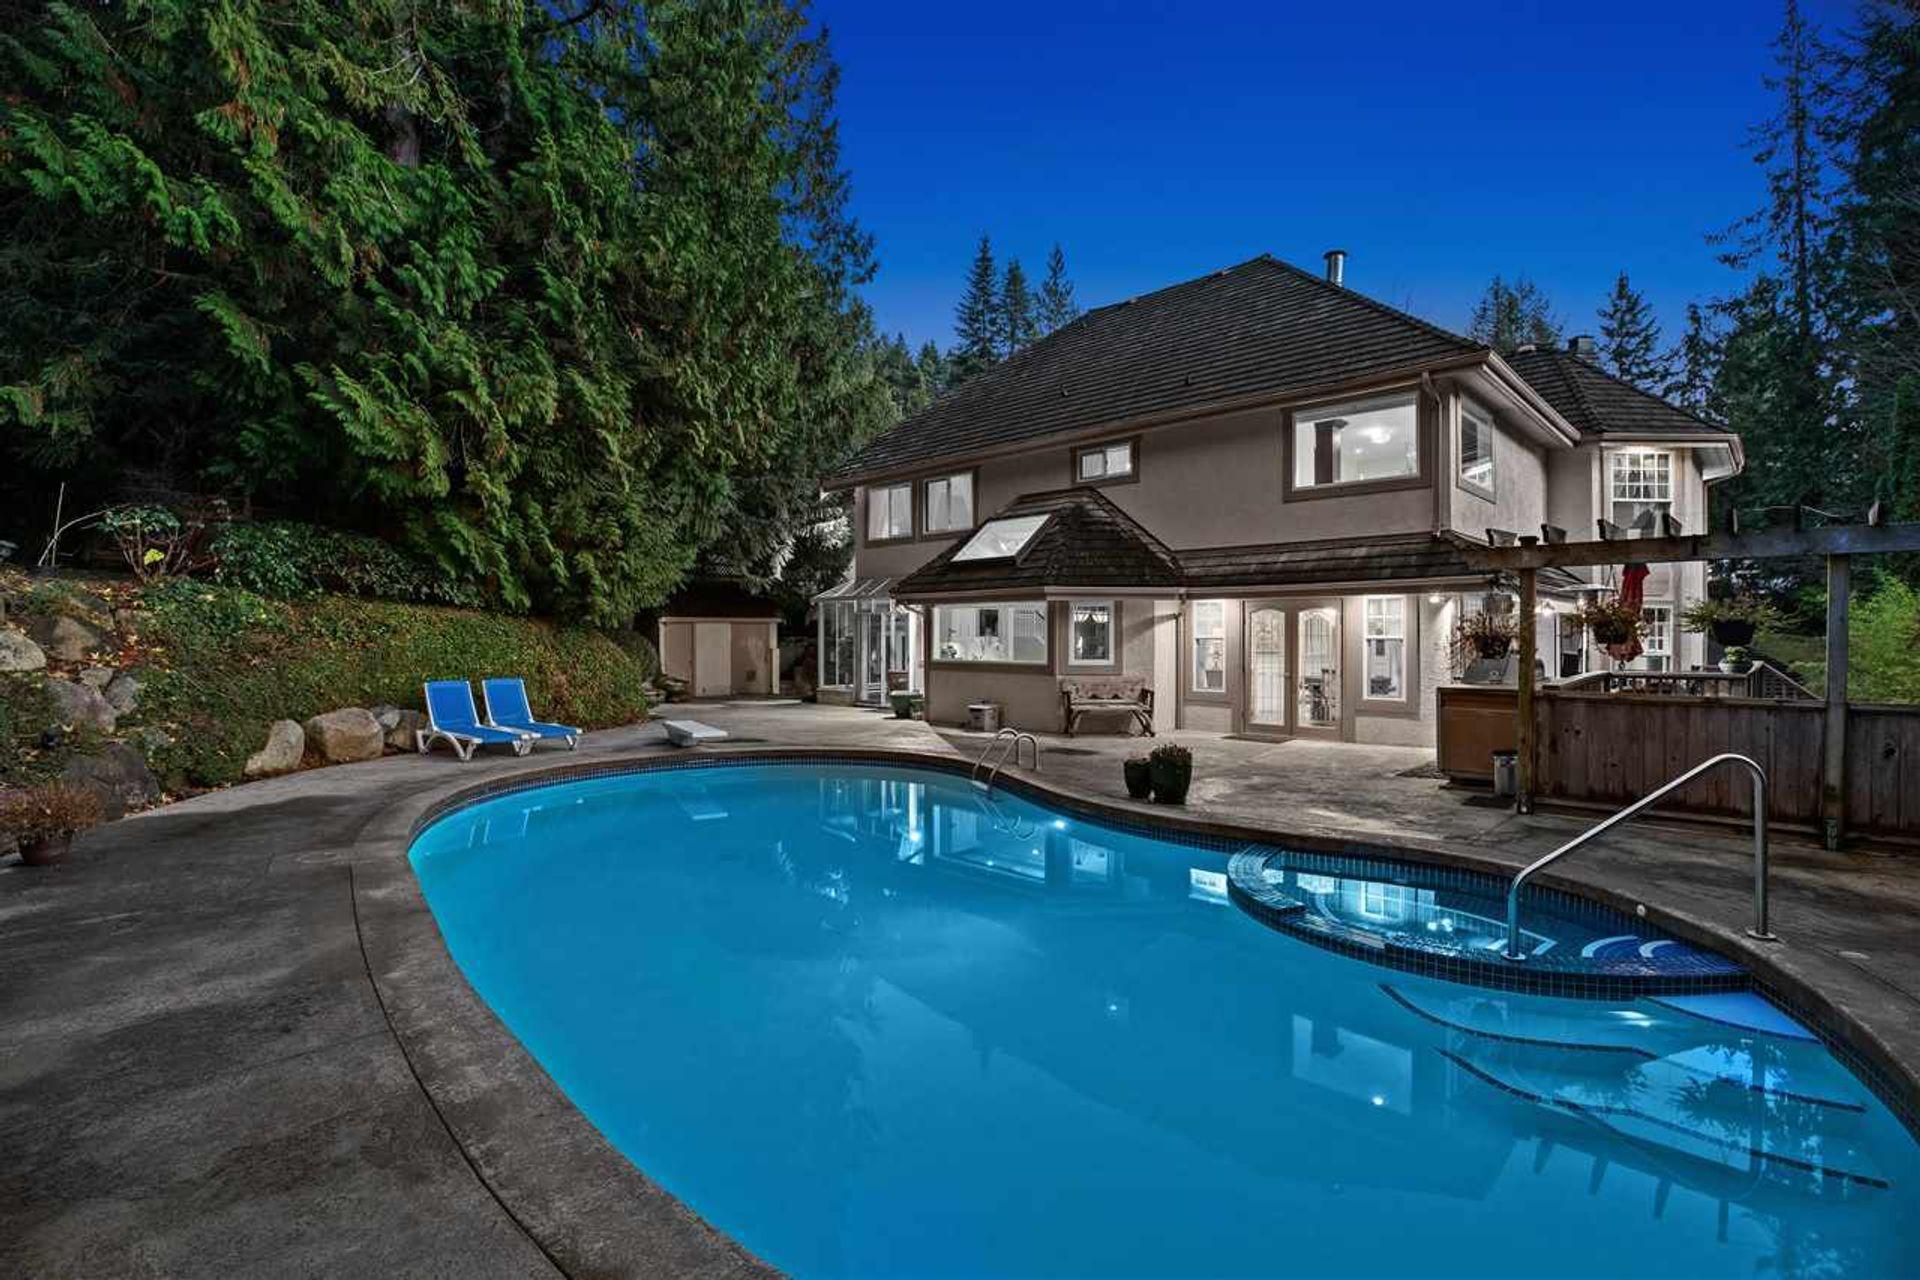 4725-the-glen-cypress-park-estates-west-vancouver-31 at 4725 The Glen, Cypress Park Estates, West Vancouver